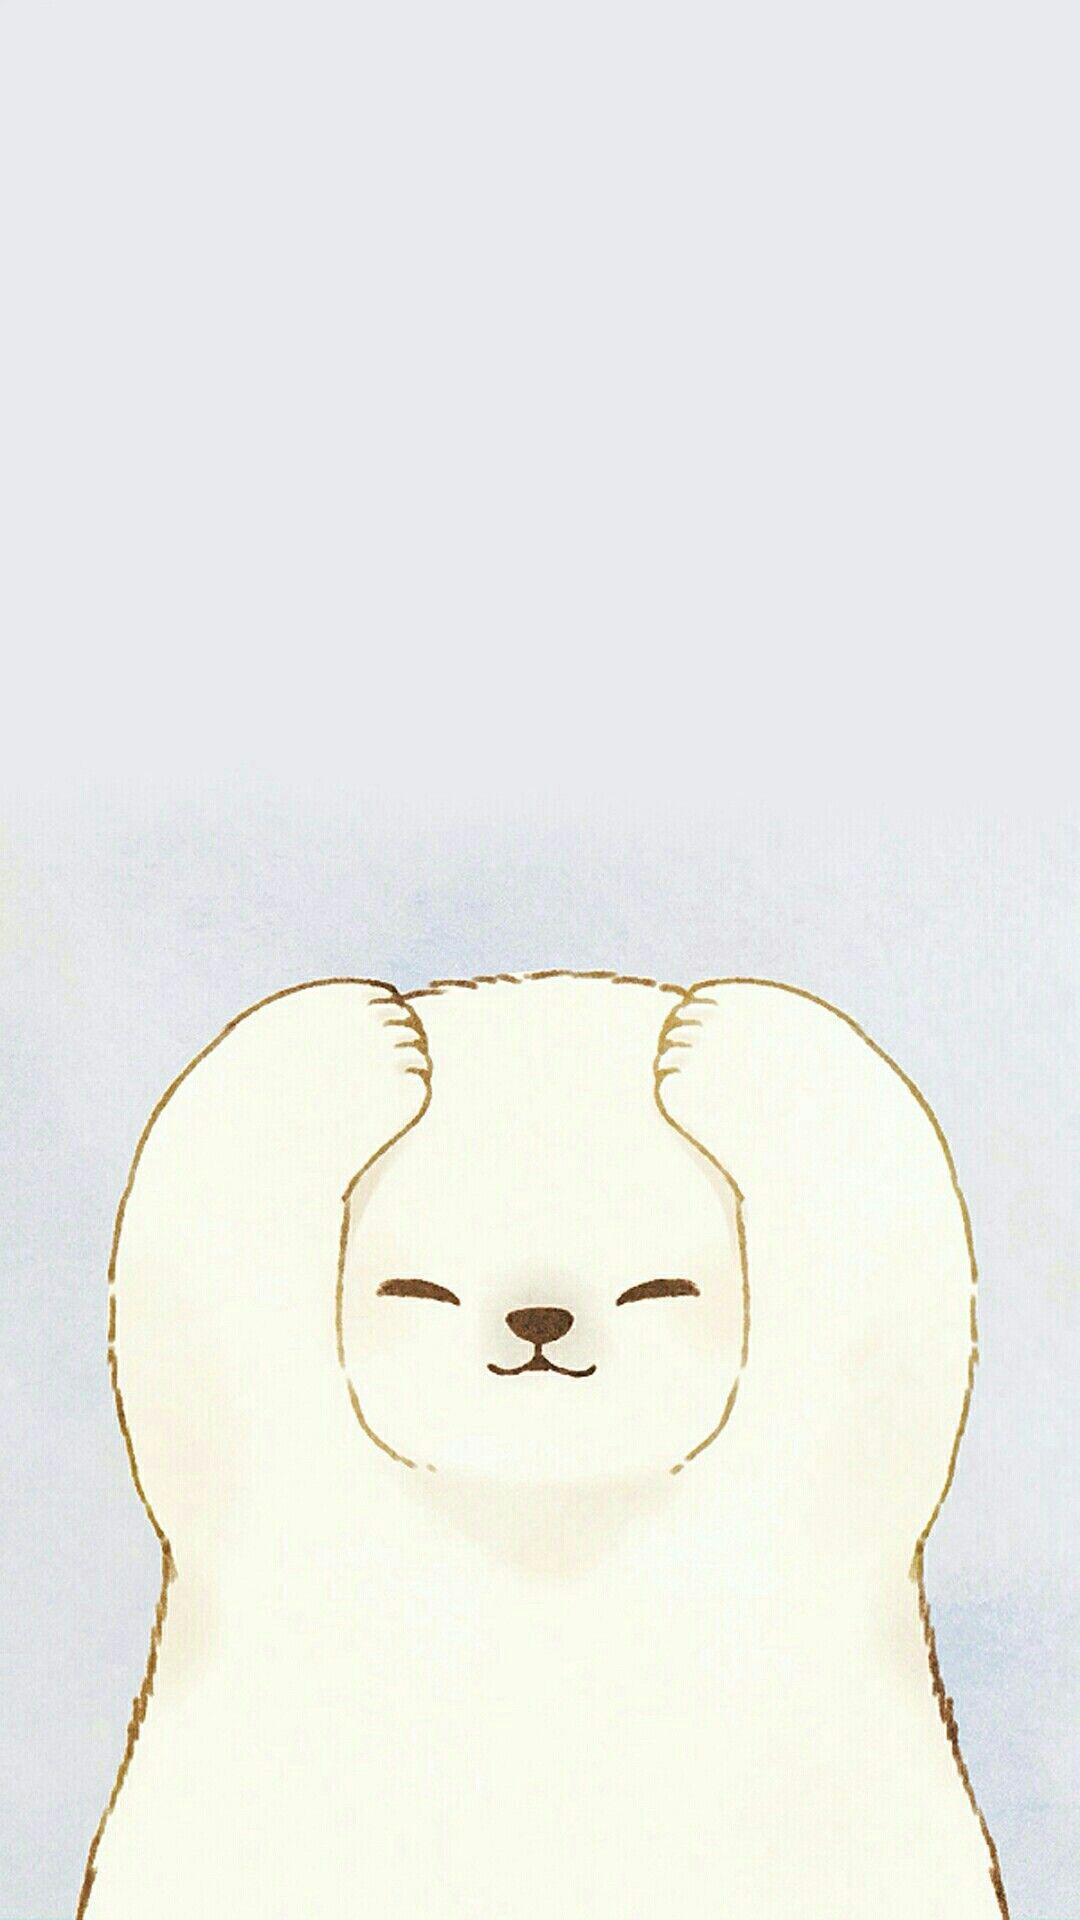 Im Ddeeeed What Is This Cutness Cute Cartoon Wallpapers Cute Animal Drawings Cute Wallpapers